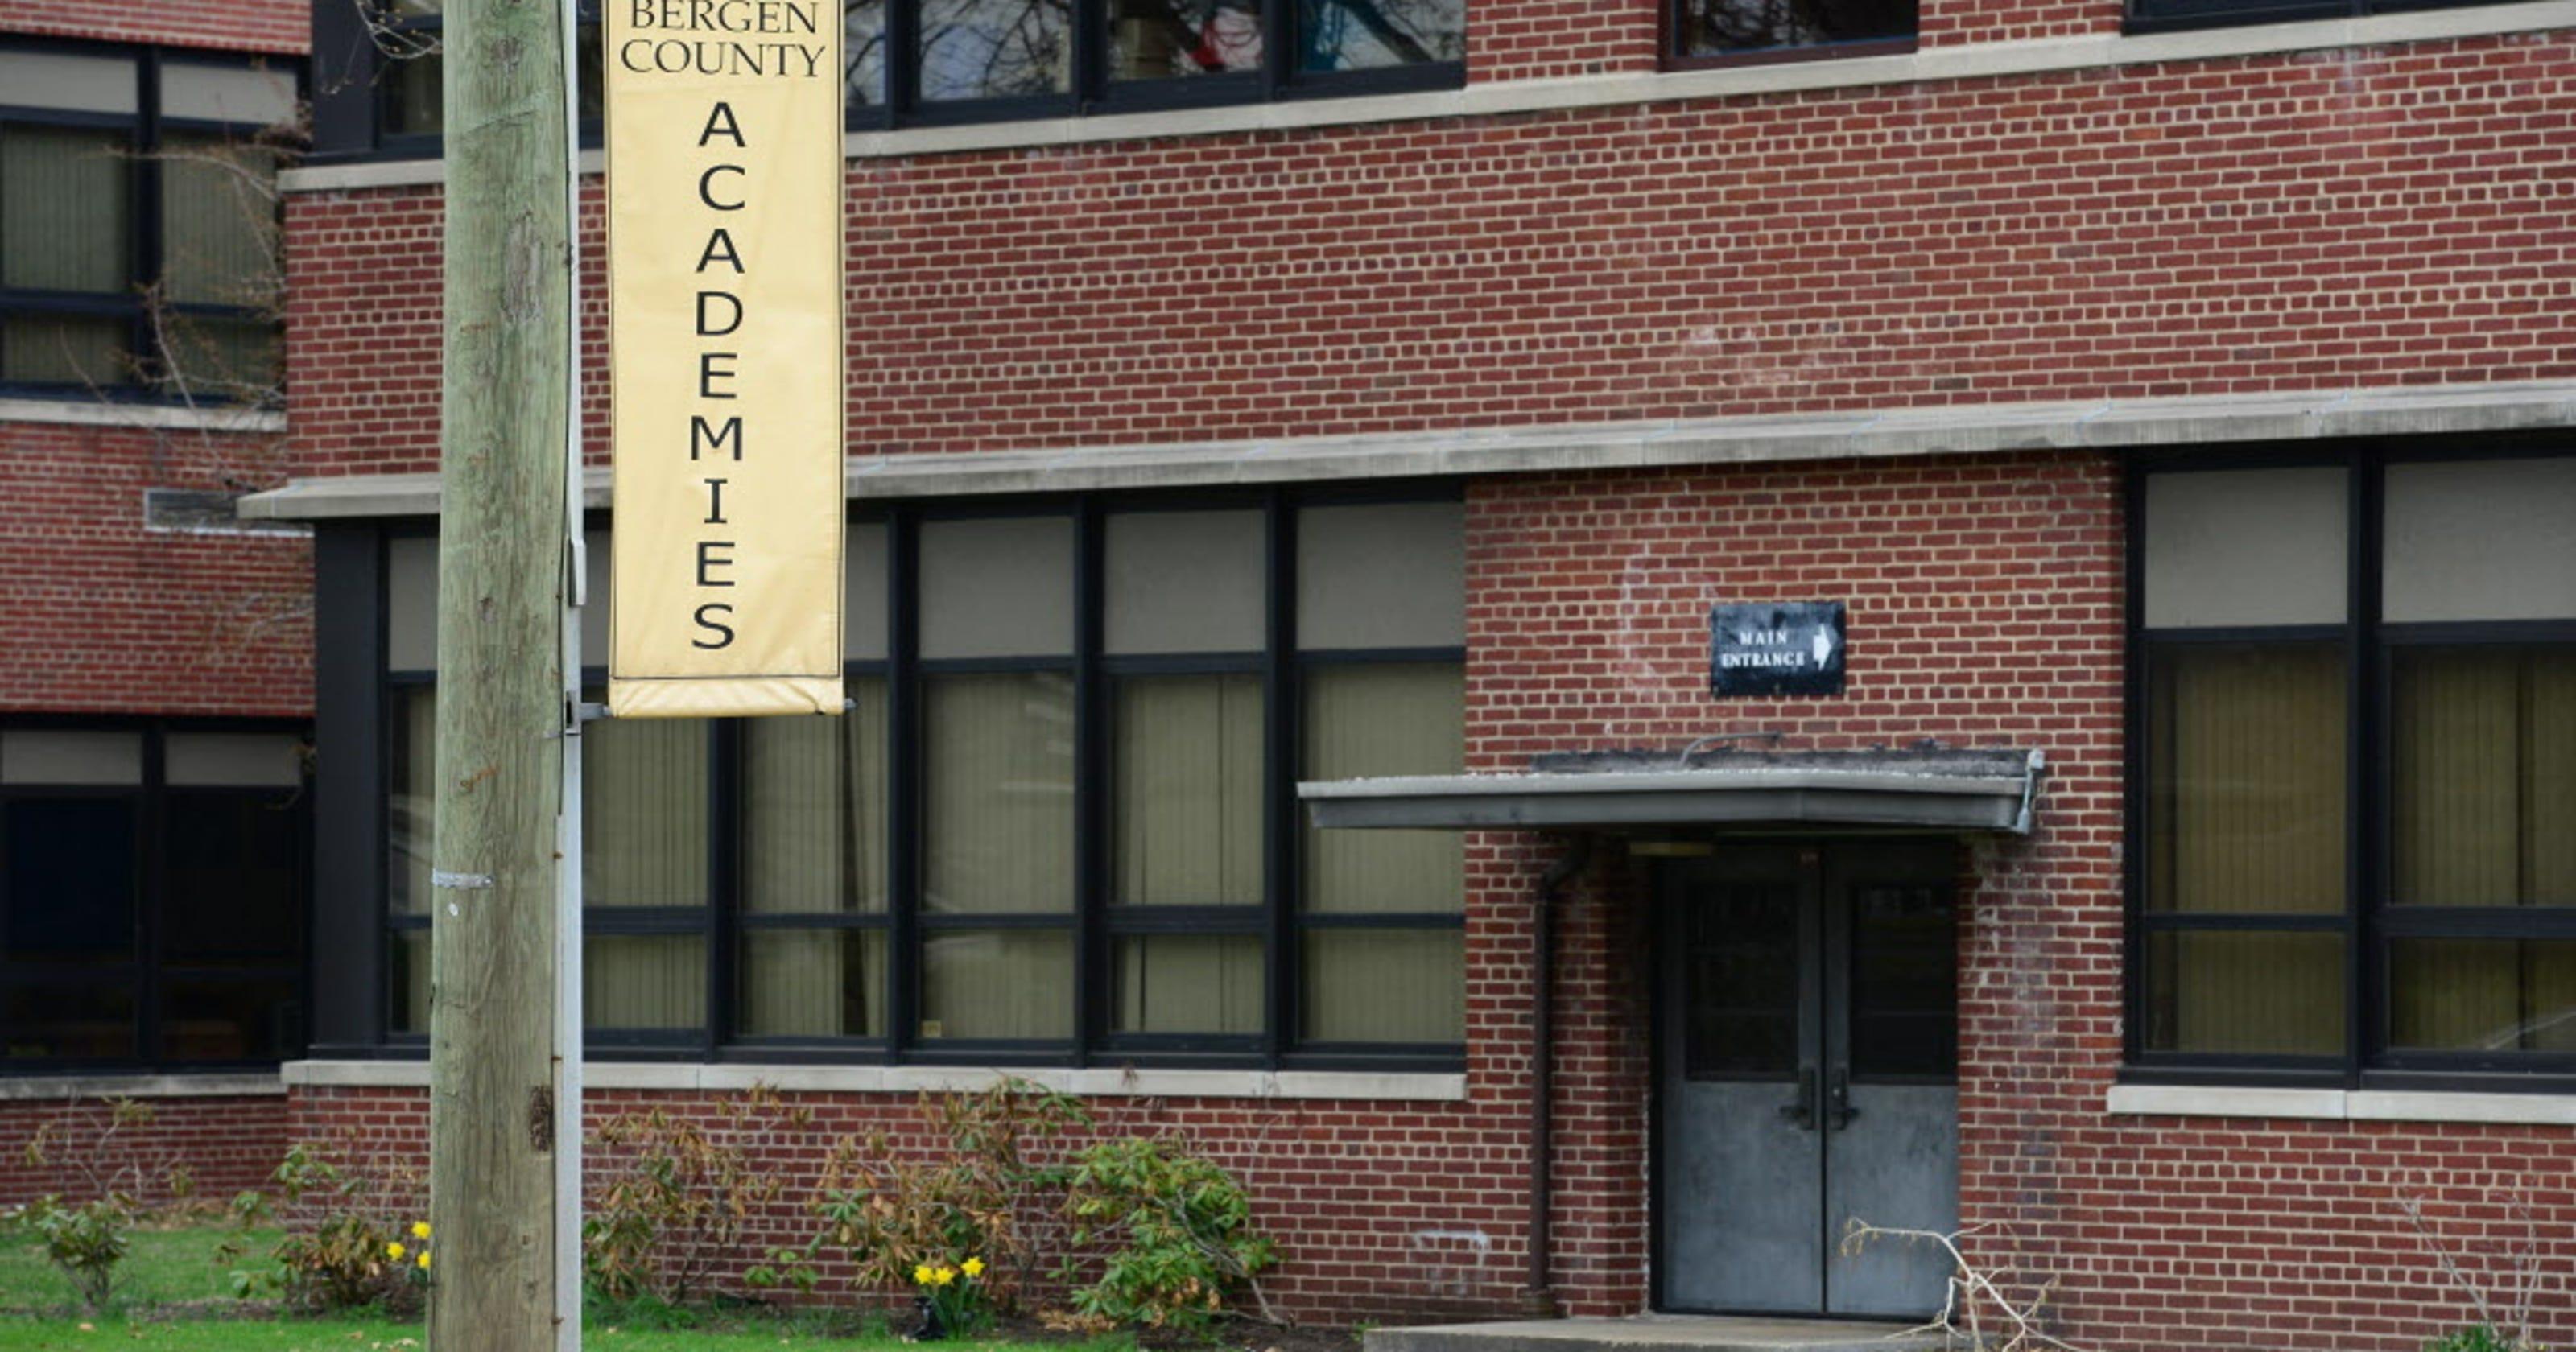 Bergen Academies among elite for sending students to best